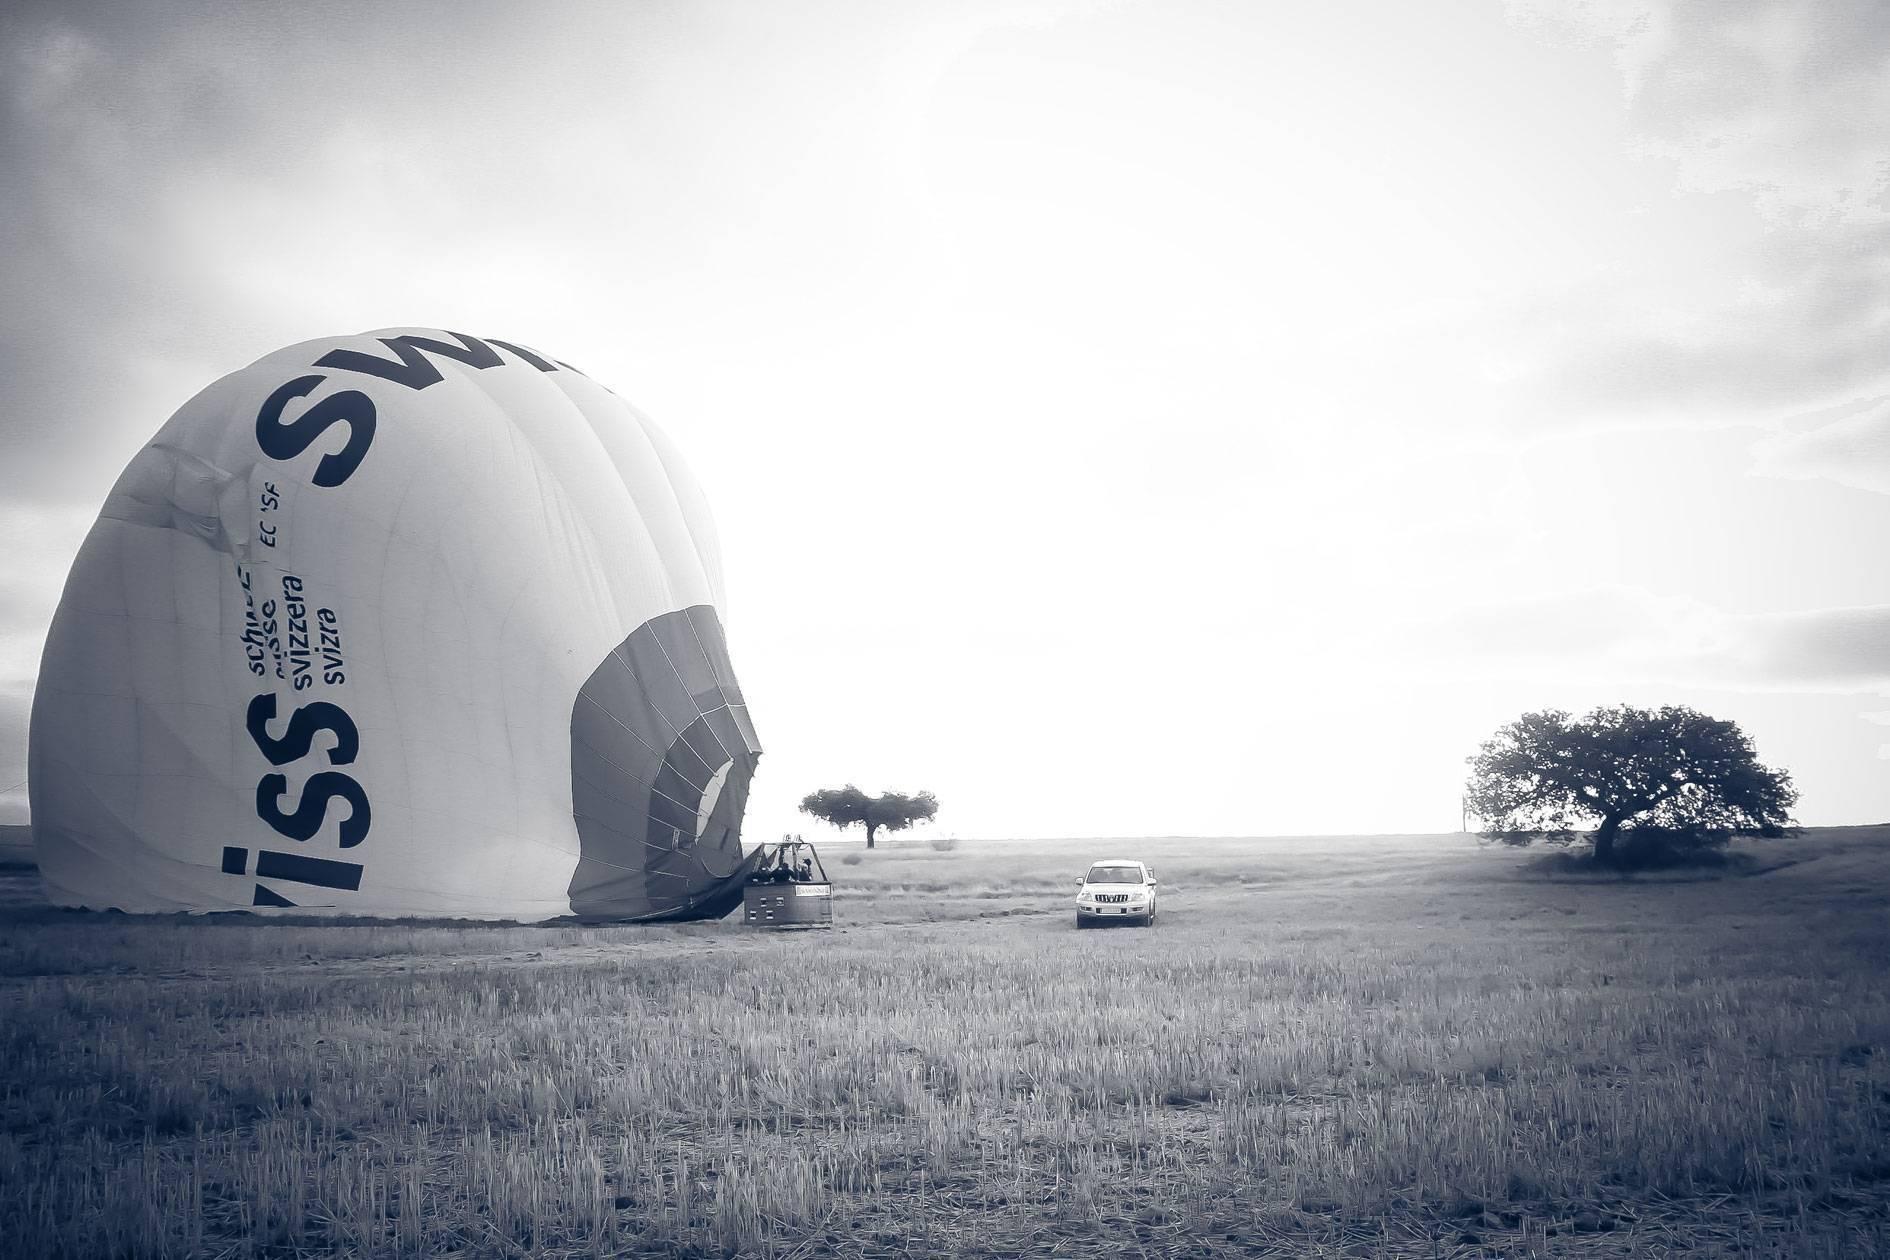 Selección del campo de aterrizaje de un globo